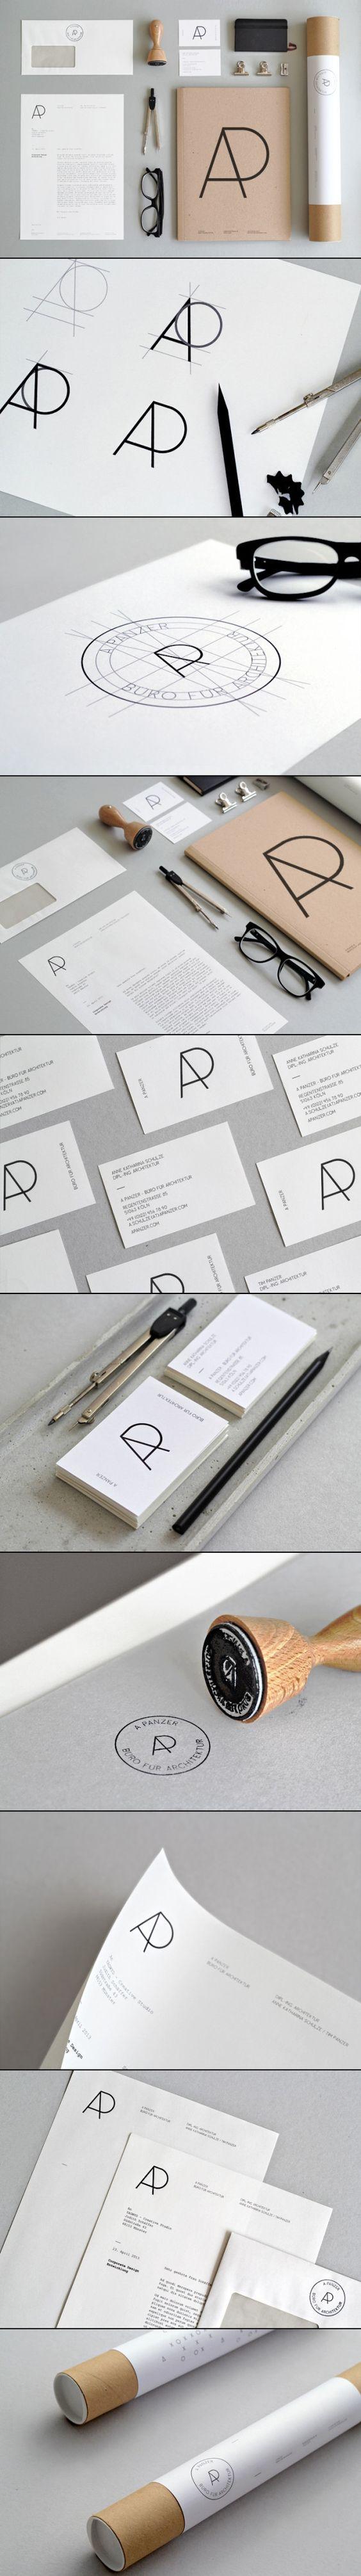 Konsequente CI. Ins Auge ist sie mir wegen dem angenehm ungewöhnlichen Briefbogen-Layout gefallen. | | #design #ci | | Mehr Inspiration auf www.dermichael.net